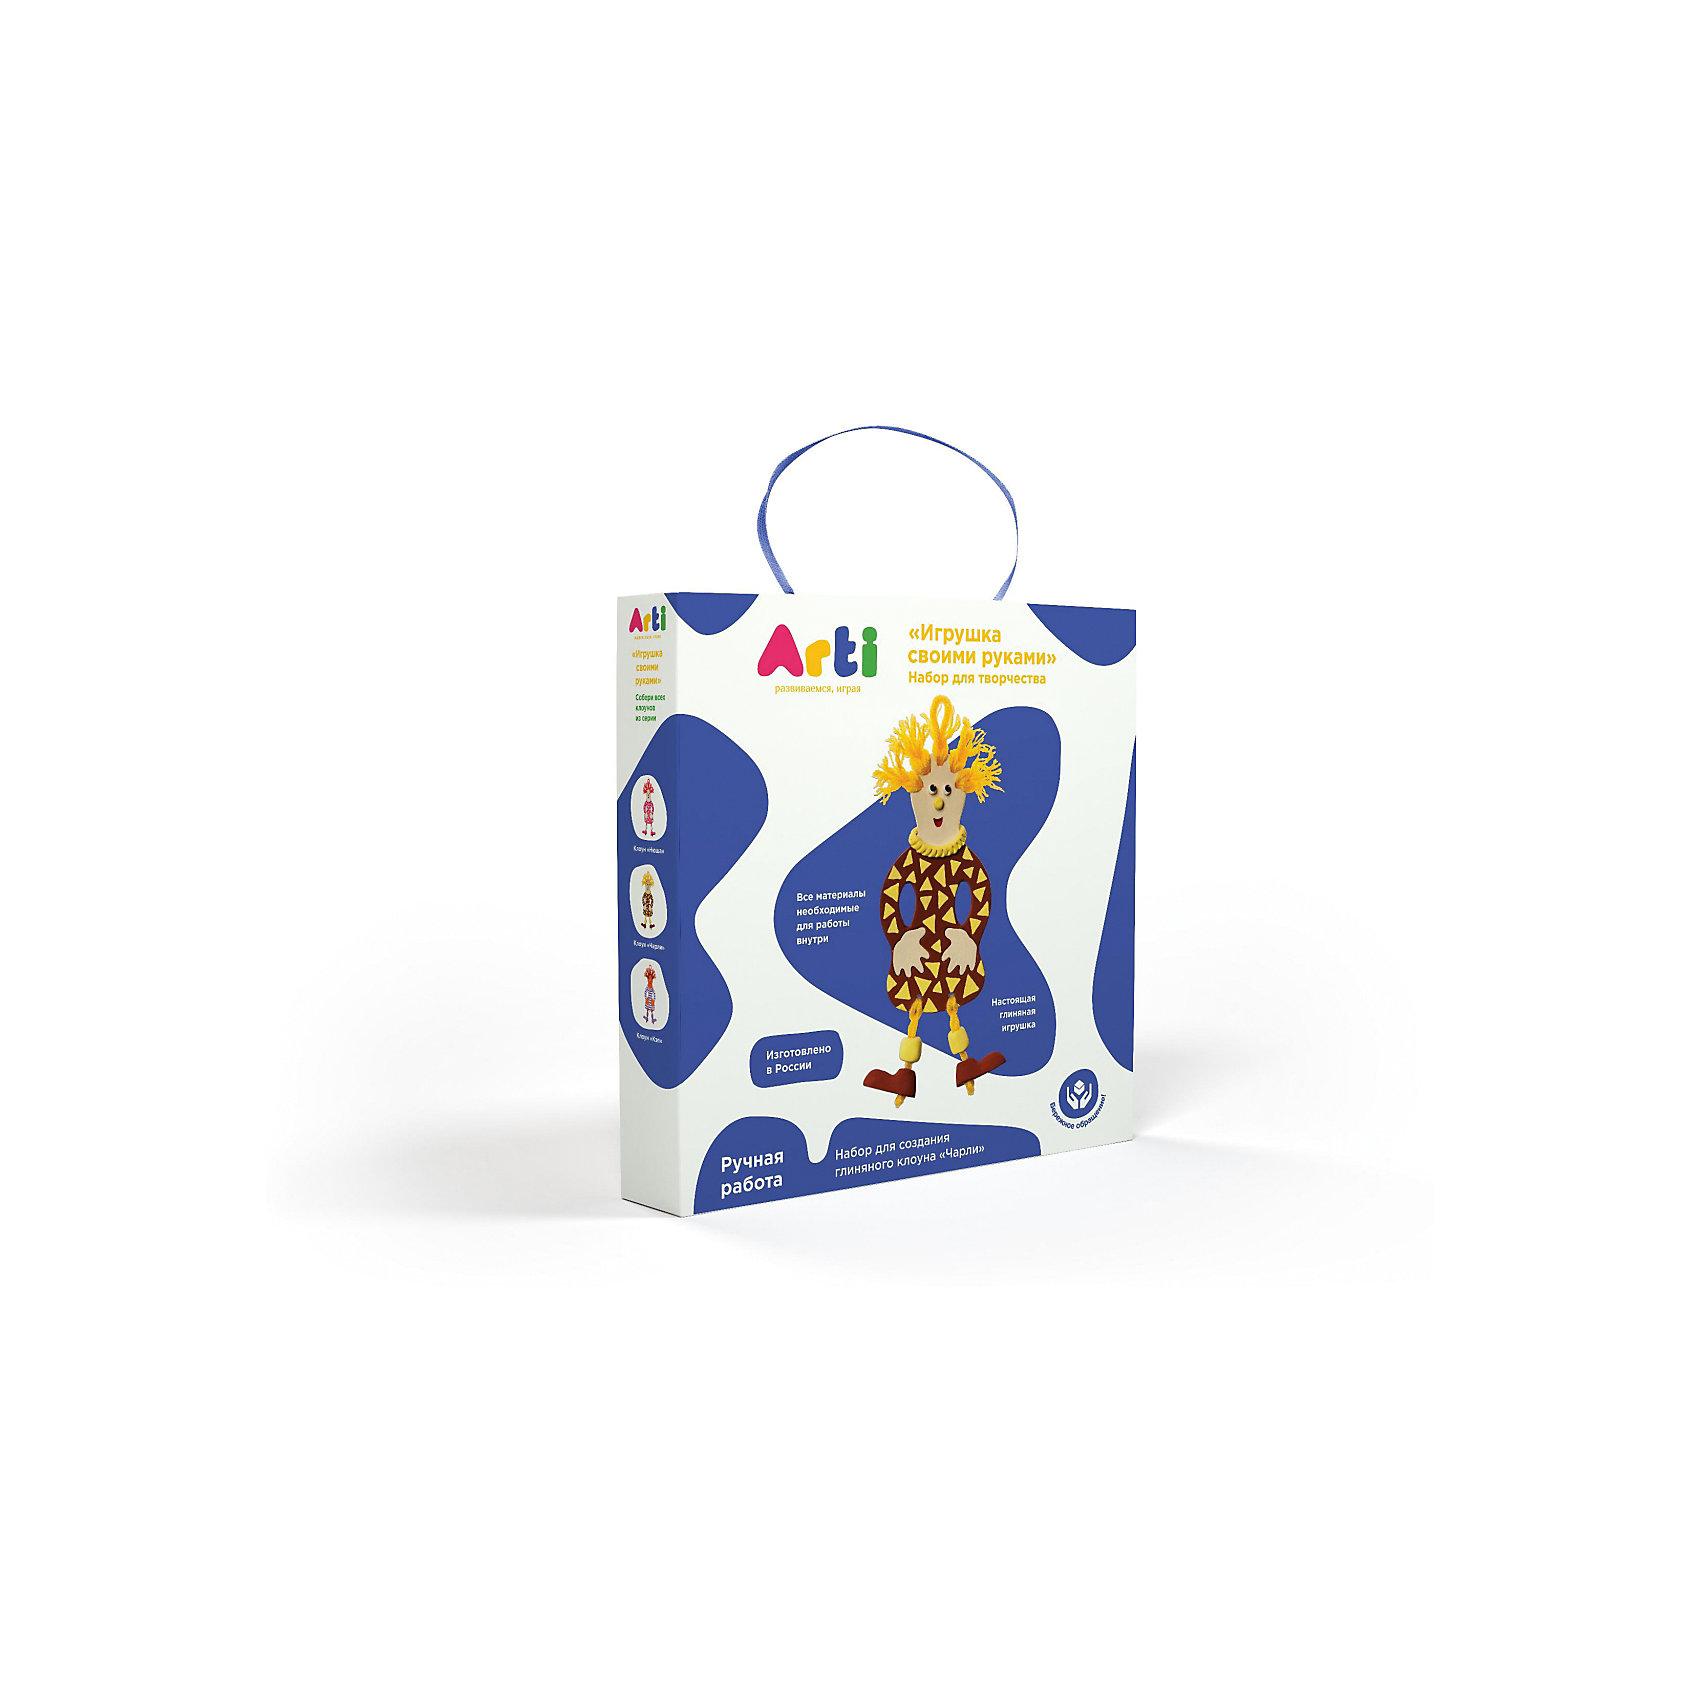 Набор для творчества Глиняный клоун ЧарлиРисование<br>Набор для творчества Глиняный клоун Чарли.<br><br>Характеристика: <br><br>• Возраст: от 3 лет<br>• Материал: глина, текстиль, краски, дерево, шерсть. <br>• Размер упаковки: 3х18х18 см. <br>• Комплектация: глиняная основа, акриловые краски, кисть, шерстяные нити, деревянная палочка для работы с нитями.<br>• Объем 1 баночки с краской: 5 мл.<br>• Развивает моторику рук, мышление, внимание. фантазию, творческие способности. <br><br>С помощью этого замечательного набора ваш ребенок сможет создать яркую глиняную фигурку и раскрасить ее по своему вкусу. Все детали набора выполнены из высококачественных материалов. Доступная простая инструкция позволит детям самим сделать своего клоуна. Получившаяся фигурка обязательно украсит стену детской или же станет отличным подарком, сделанным своими руками. <br><br>Набор для творчества Глиняный клоун Чарли можно купить в нашем интернет-магазине.<br><br>Ширина мм: 180<br>Глубина мм: 180<br>Высота мм: 30<br>Вес г: 260<br>Возраст от месяцев: 36<br>Возраст до месяцев: 2147483647<br>Пол: Унисекс<br>Возраст: Детский<br>SKU: 5487918